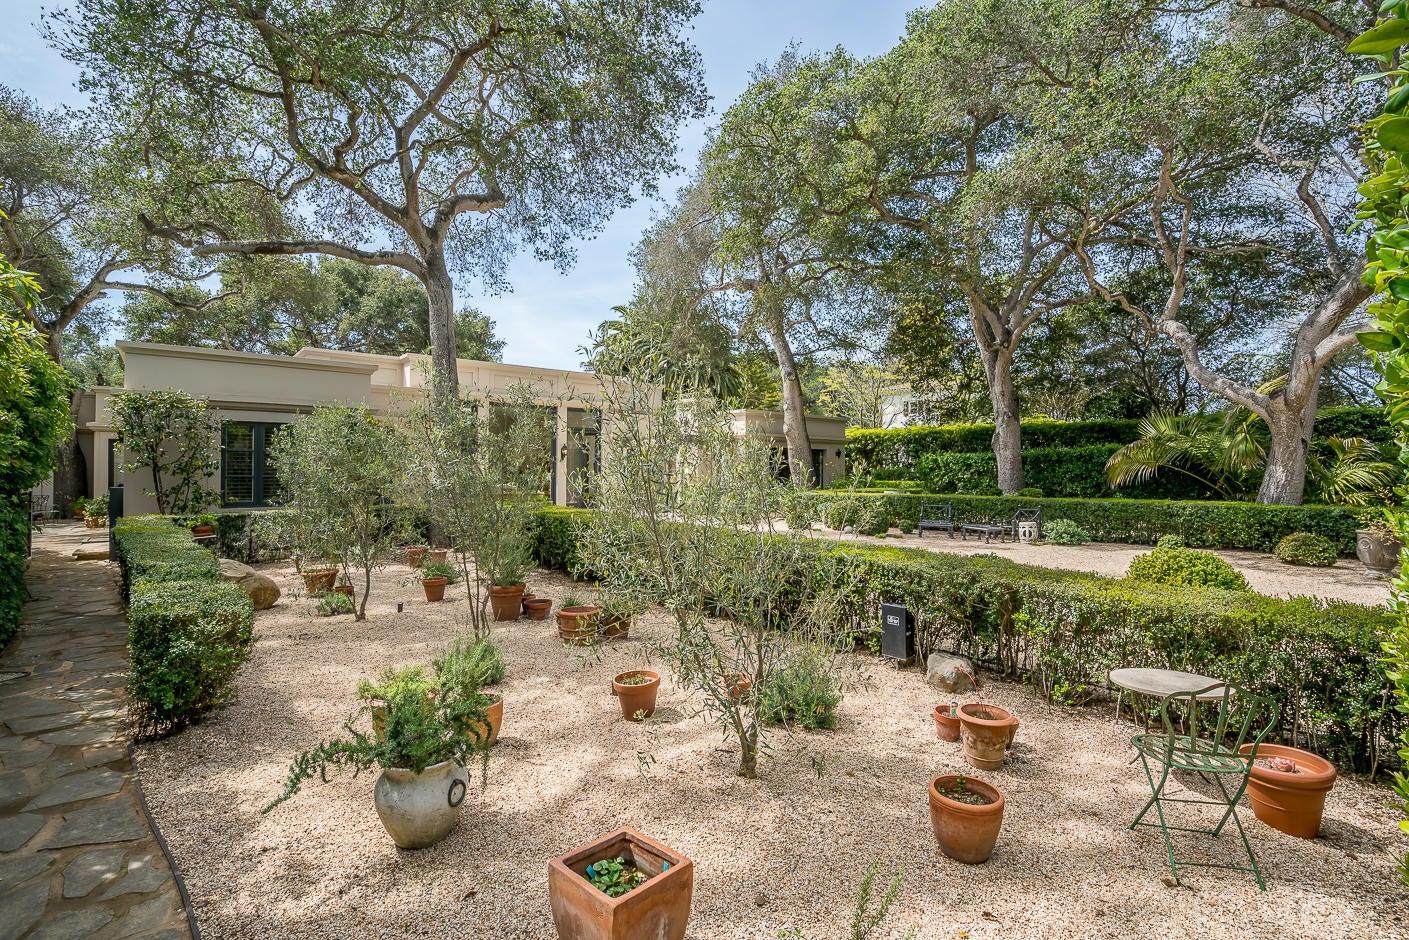 23 San Leandro garden